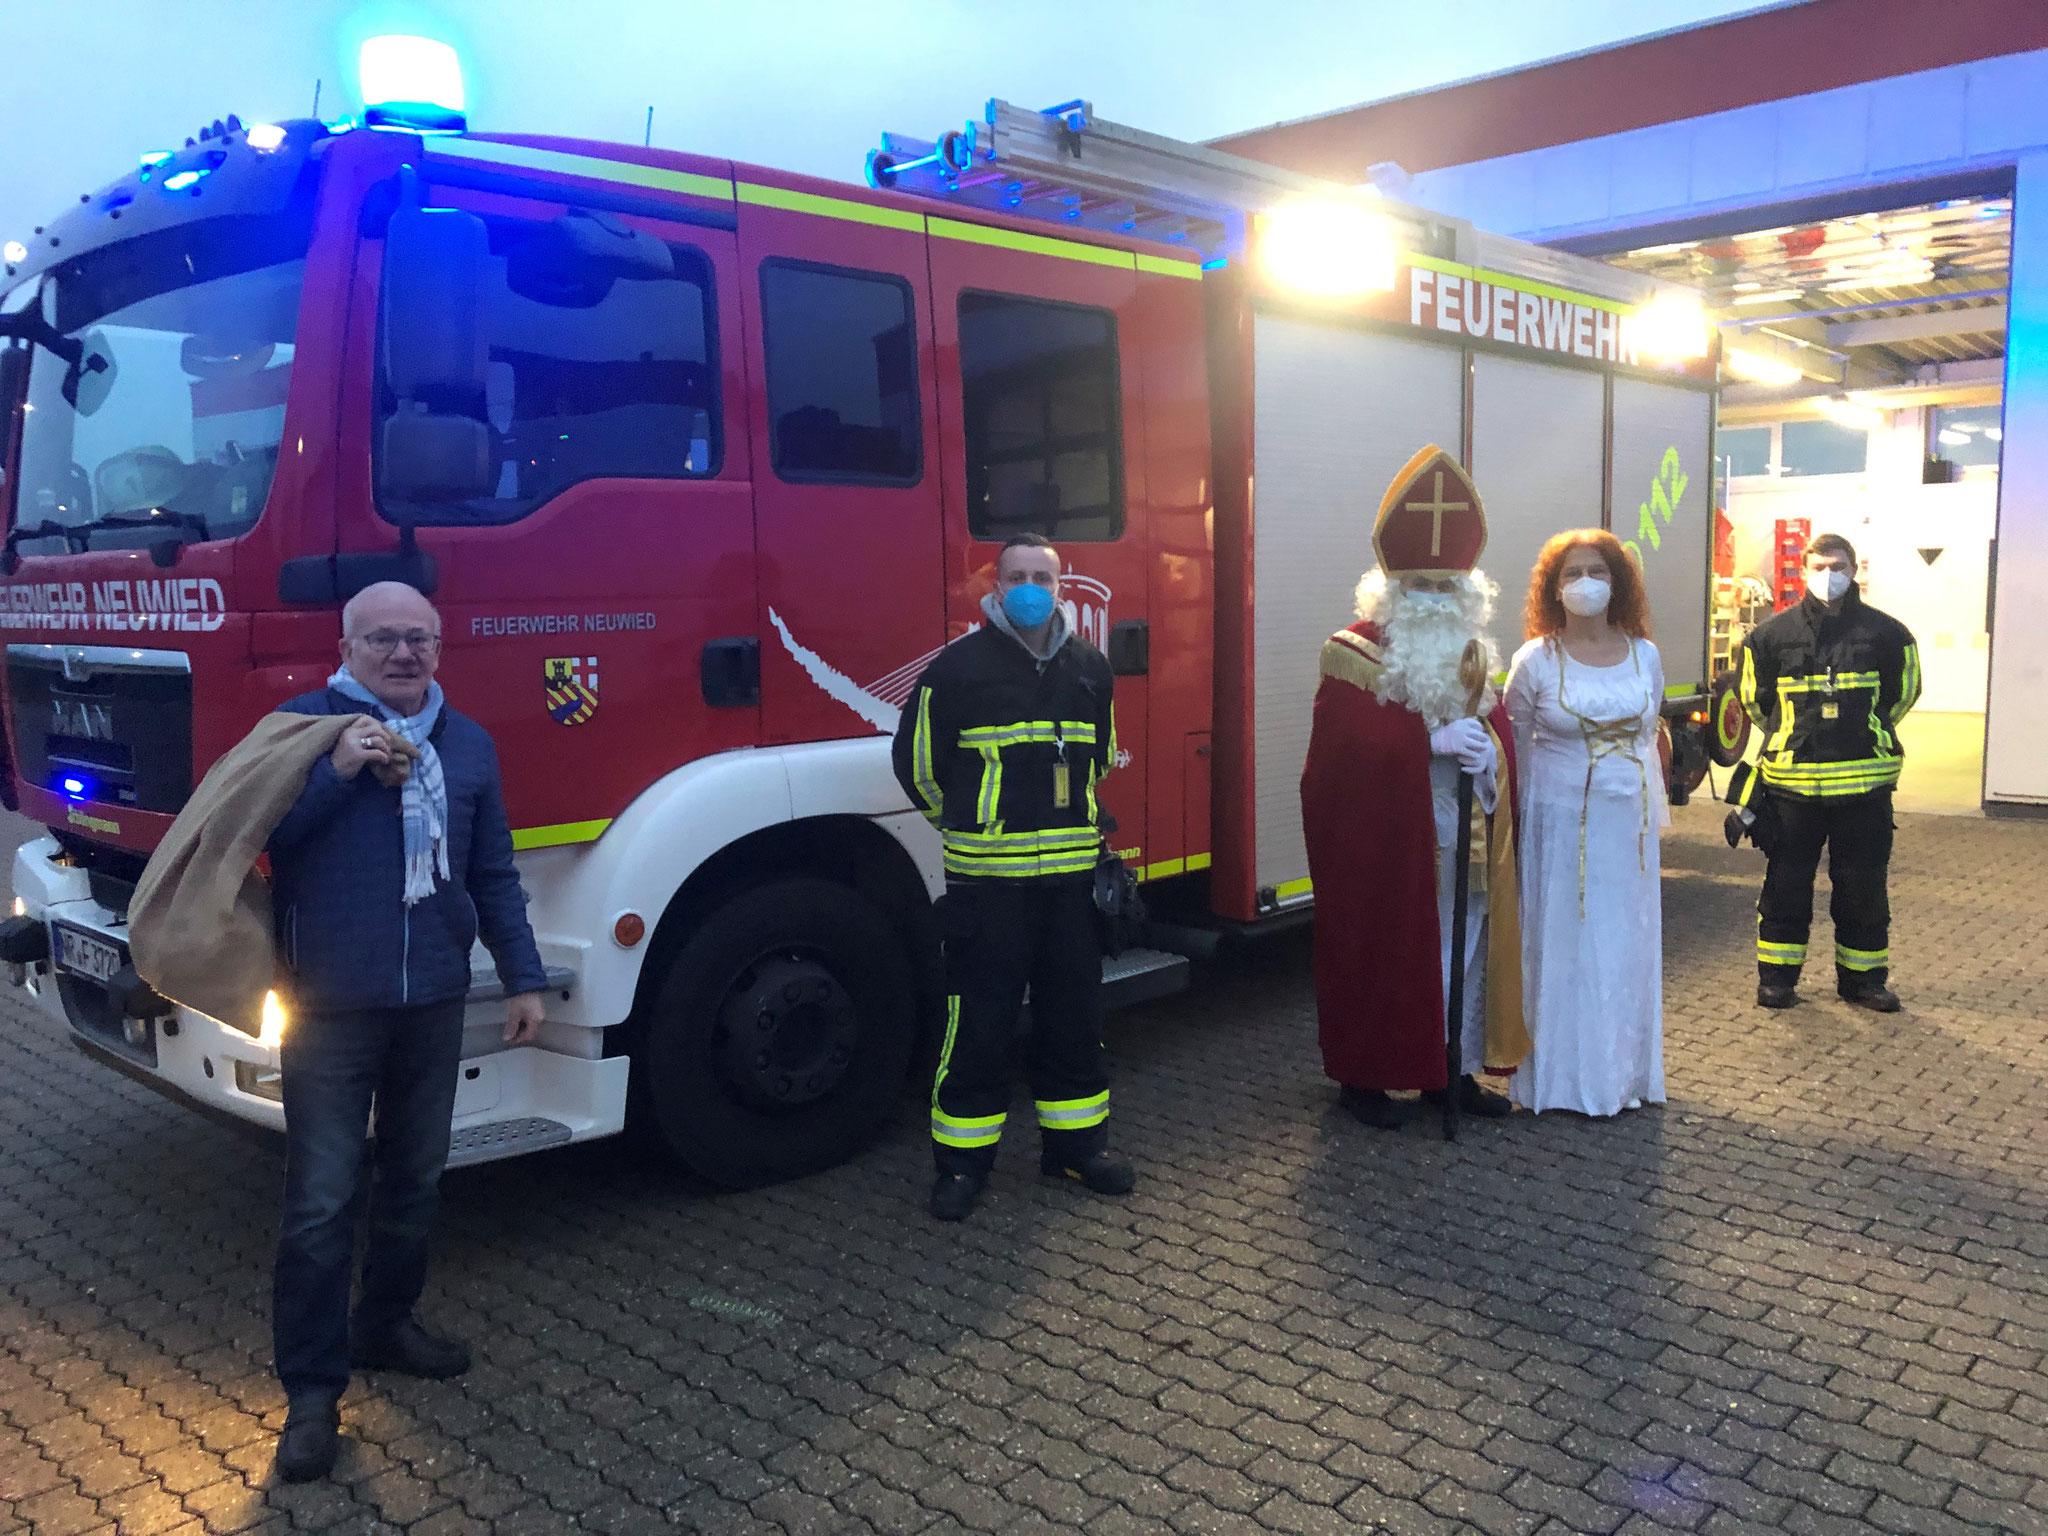 © Feuerwehr Neuwied